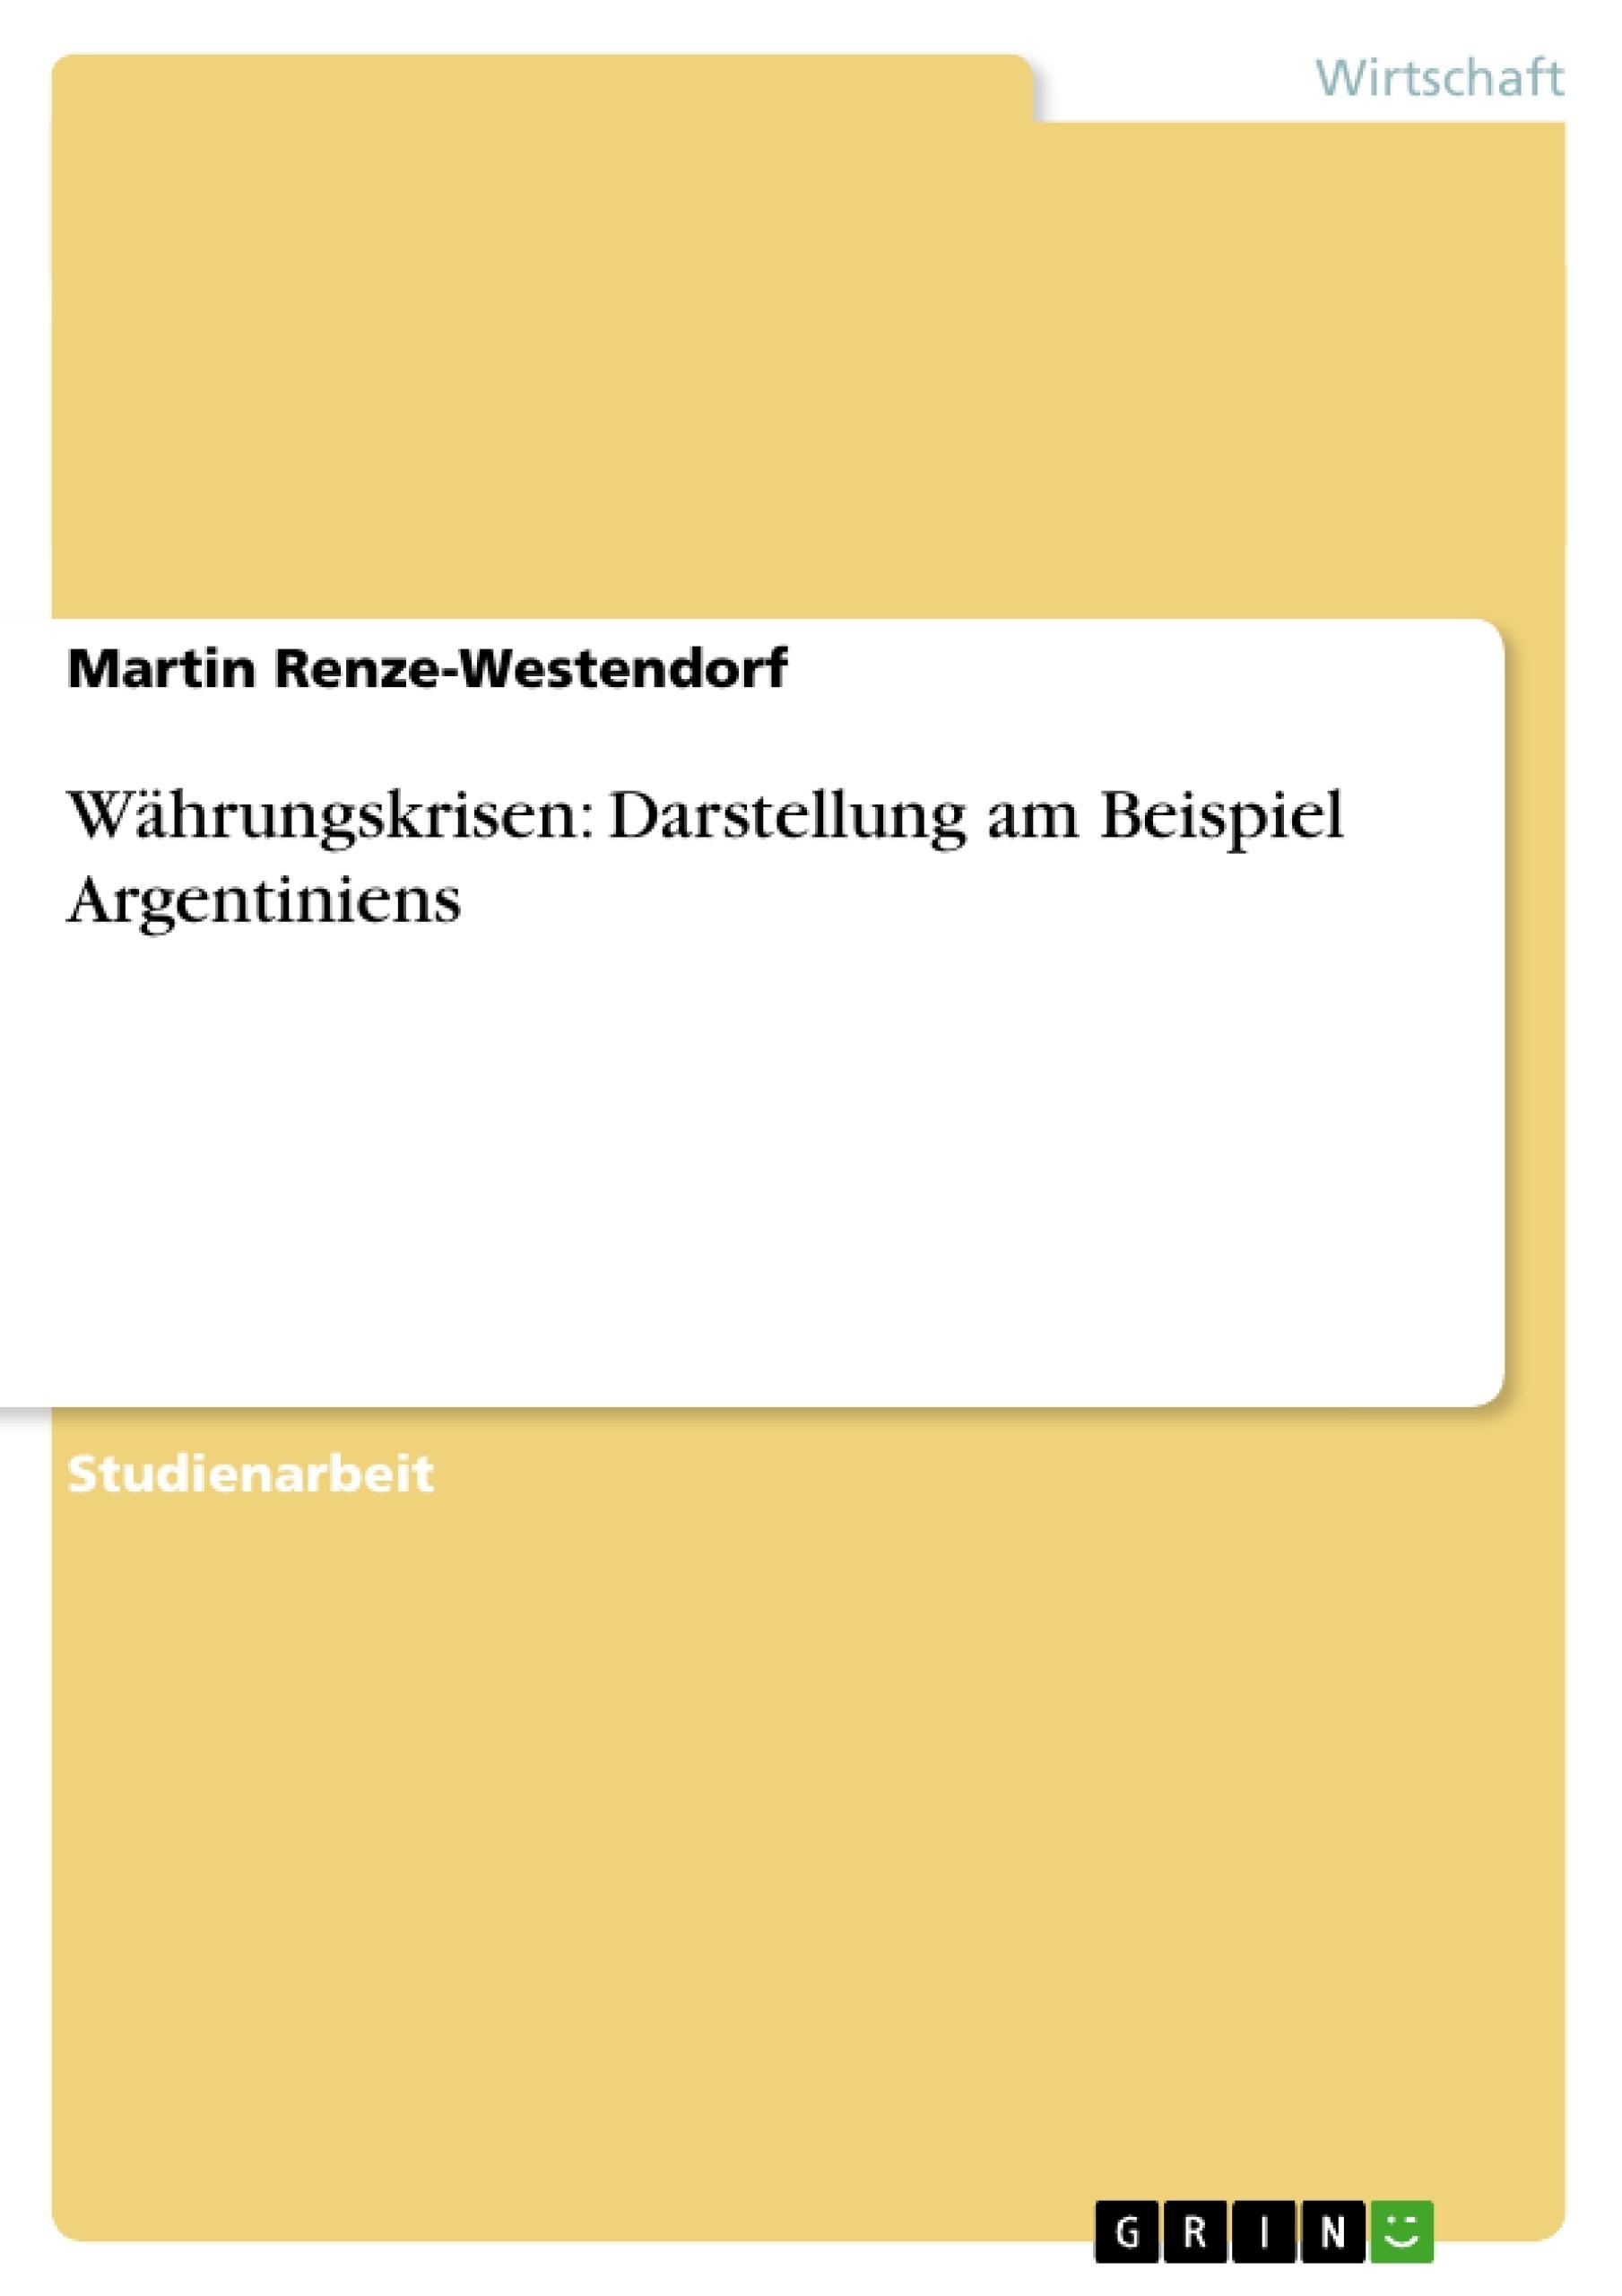 Titel: Währungskrisen: Darstellung am Beispiel Argentiniens